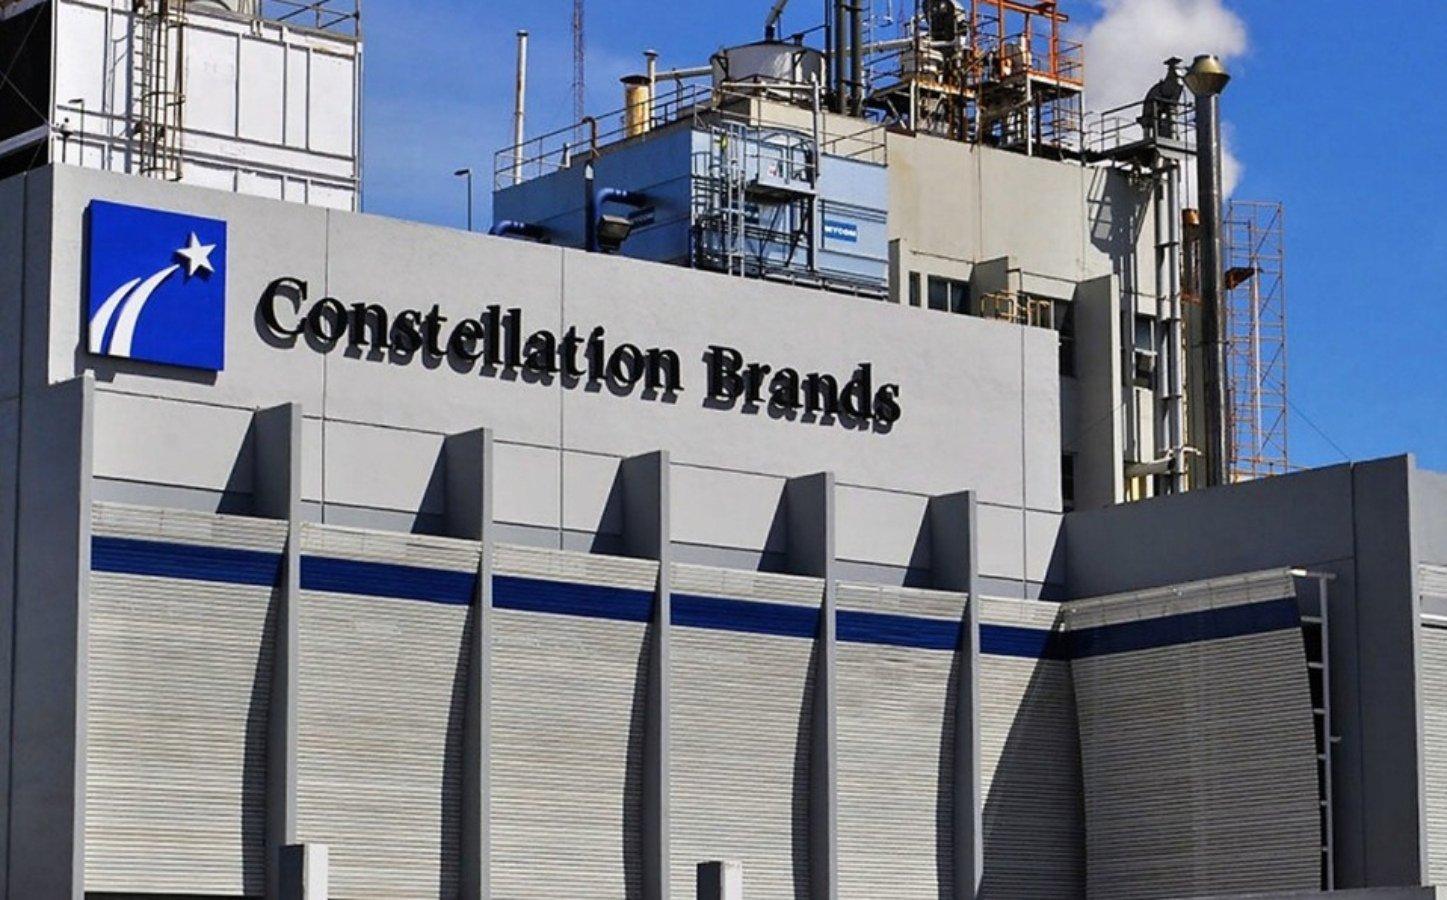 Logotipo de Constellation Brands en Industria